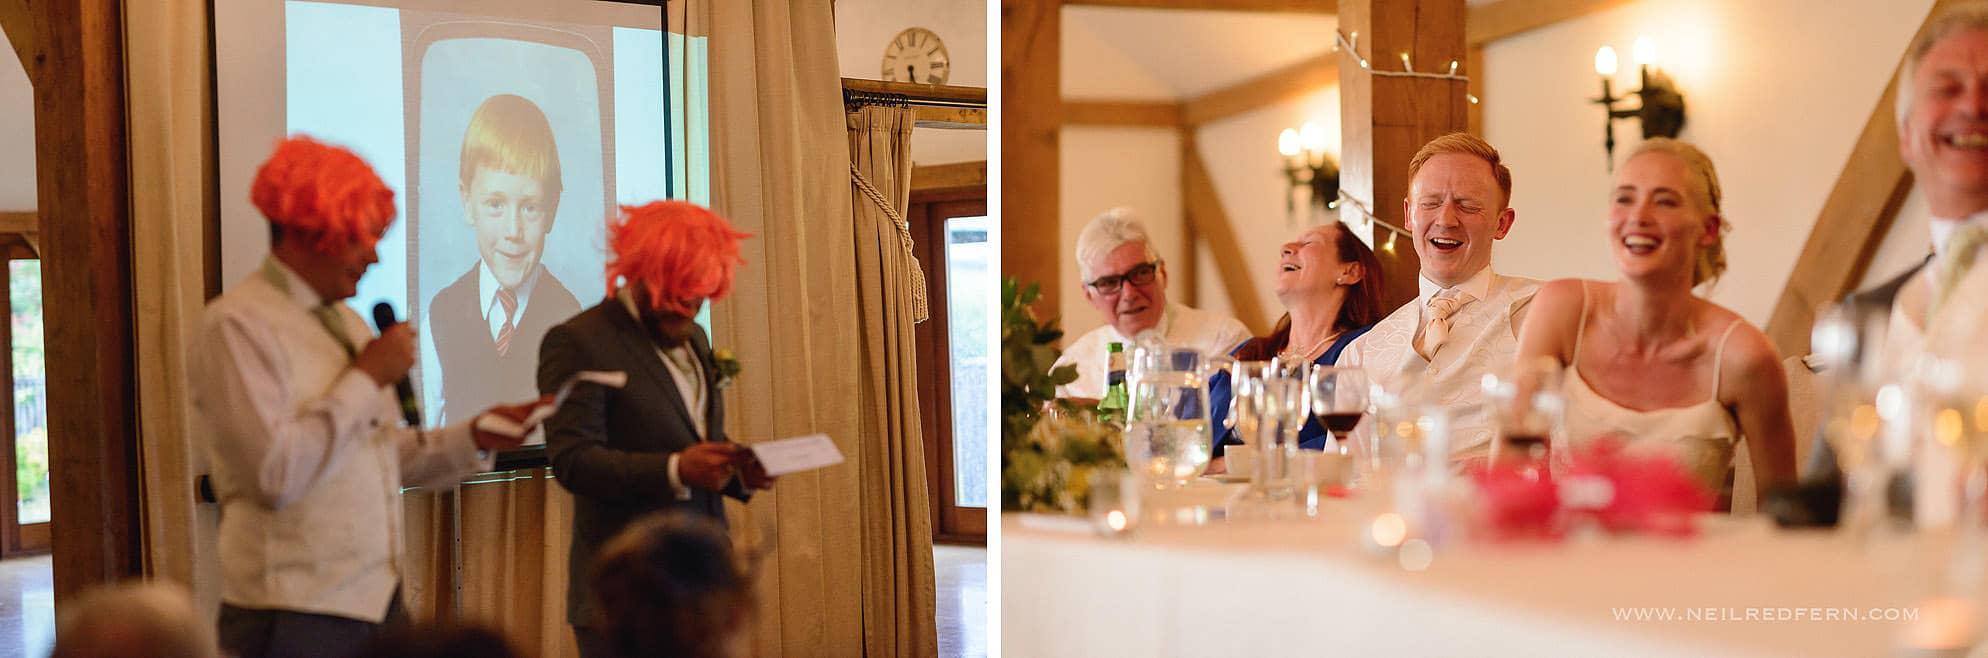 sandhole oak barn wedding photographer 37